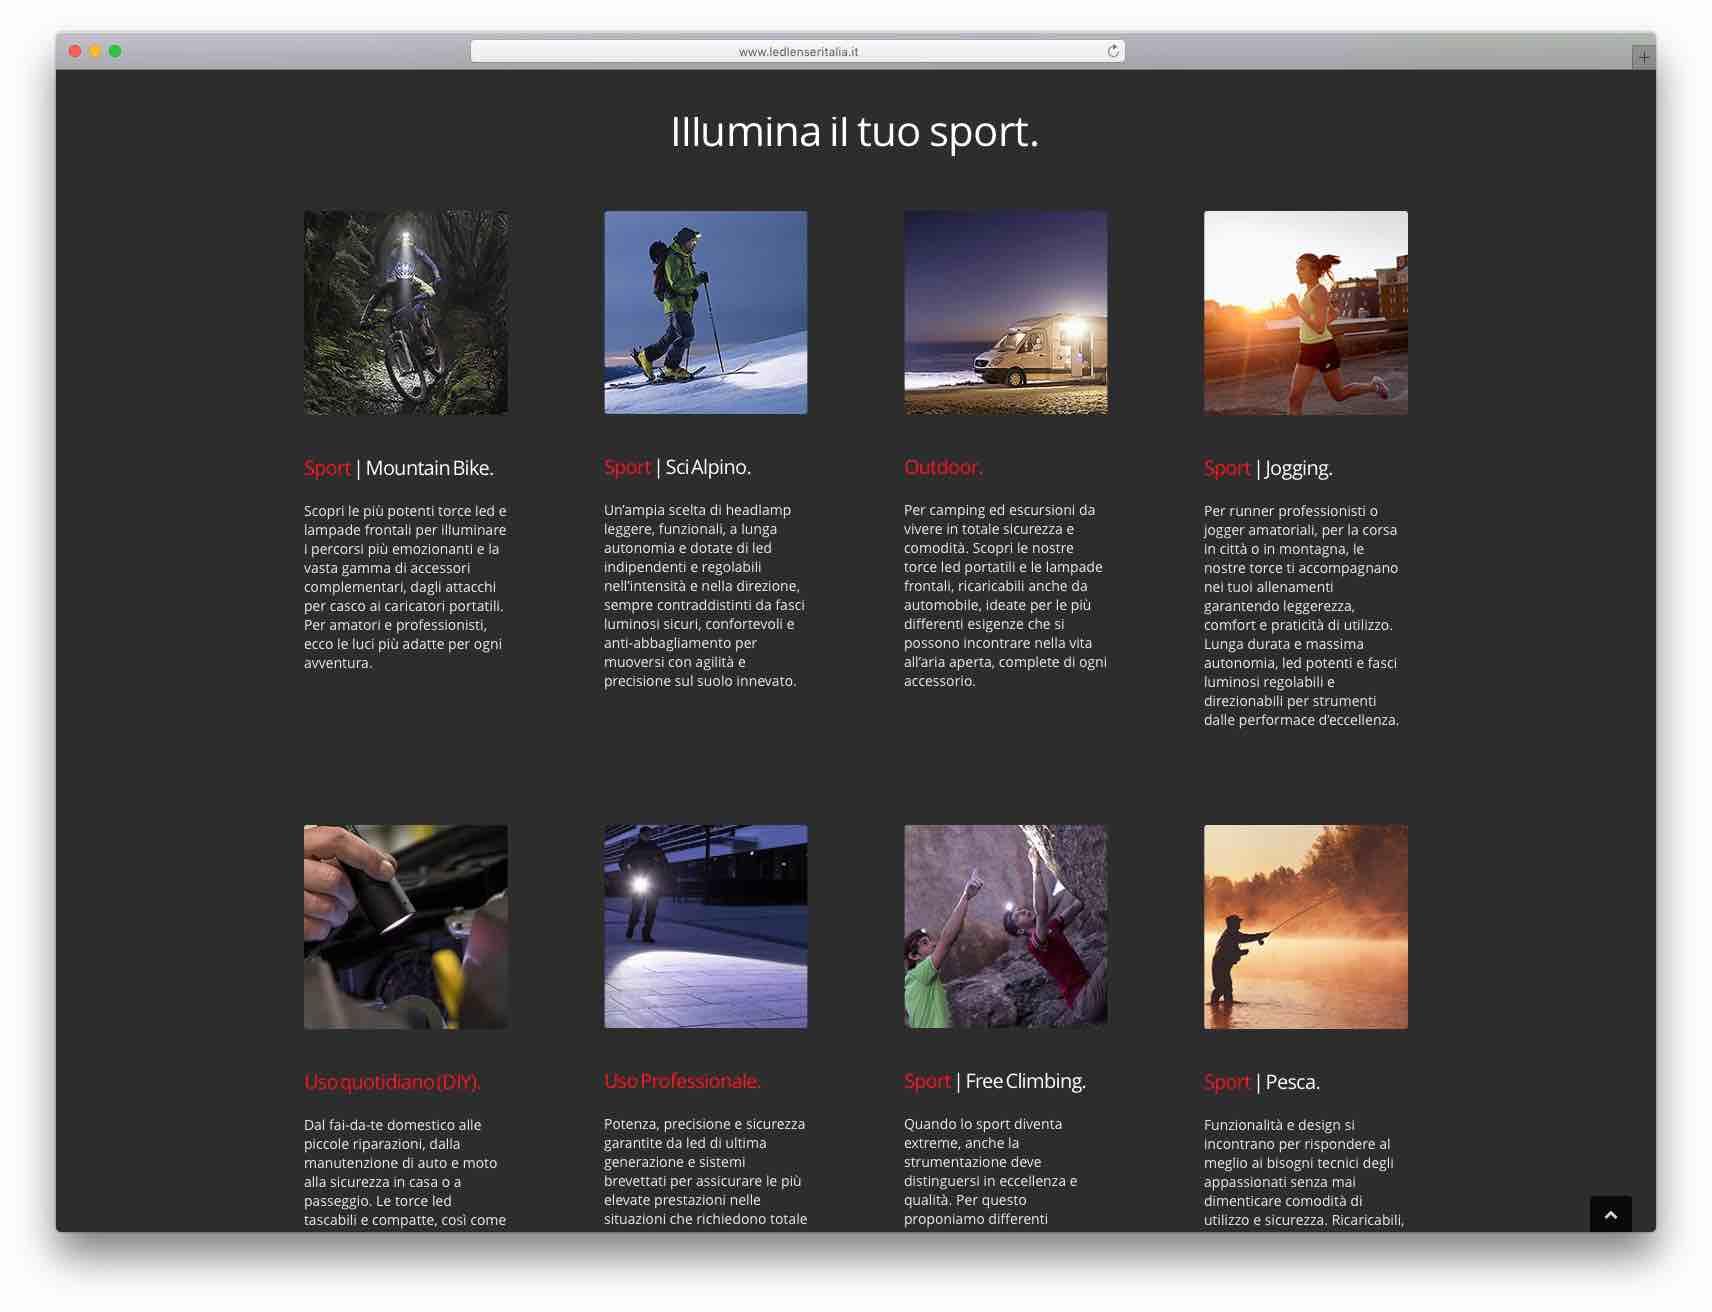 creazione siti web brescia - sito web ledlenser